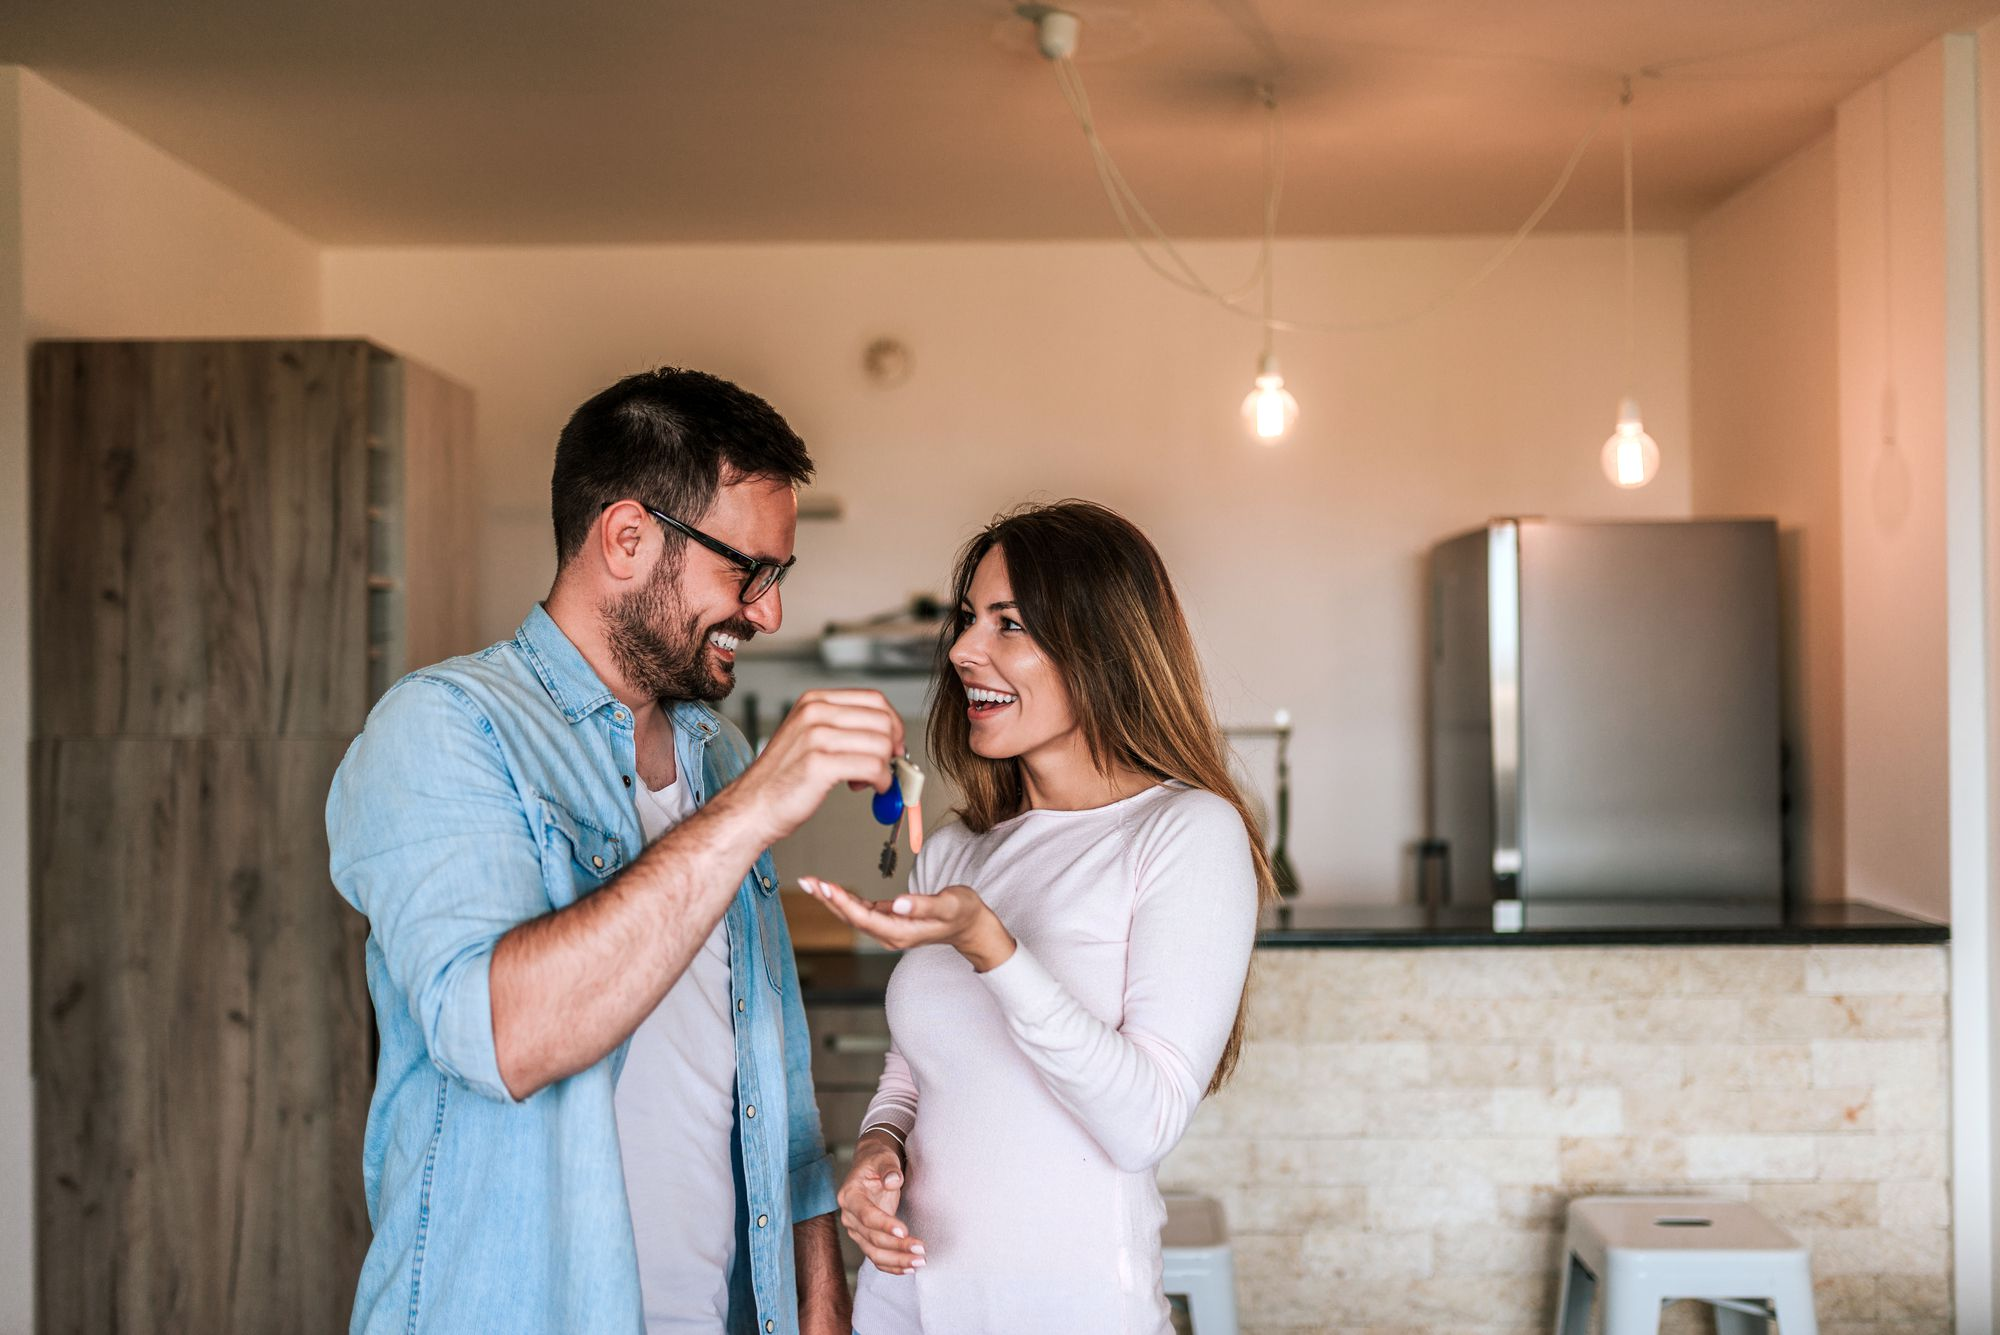 Afinal, vale a pena comprar a casa própria? Conheça os prós e contras